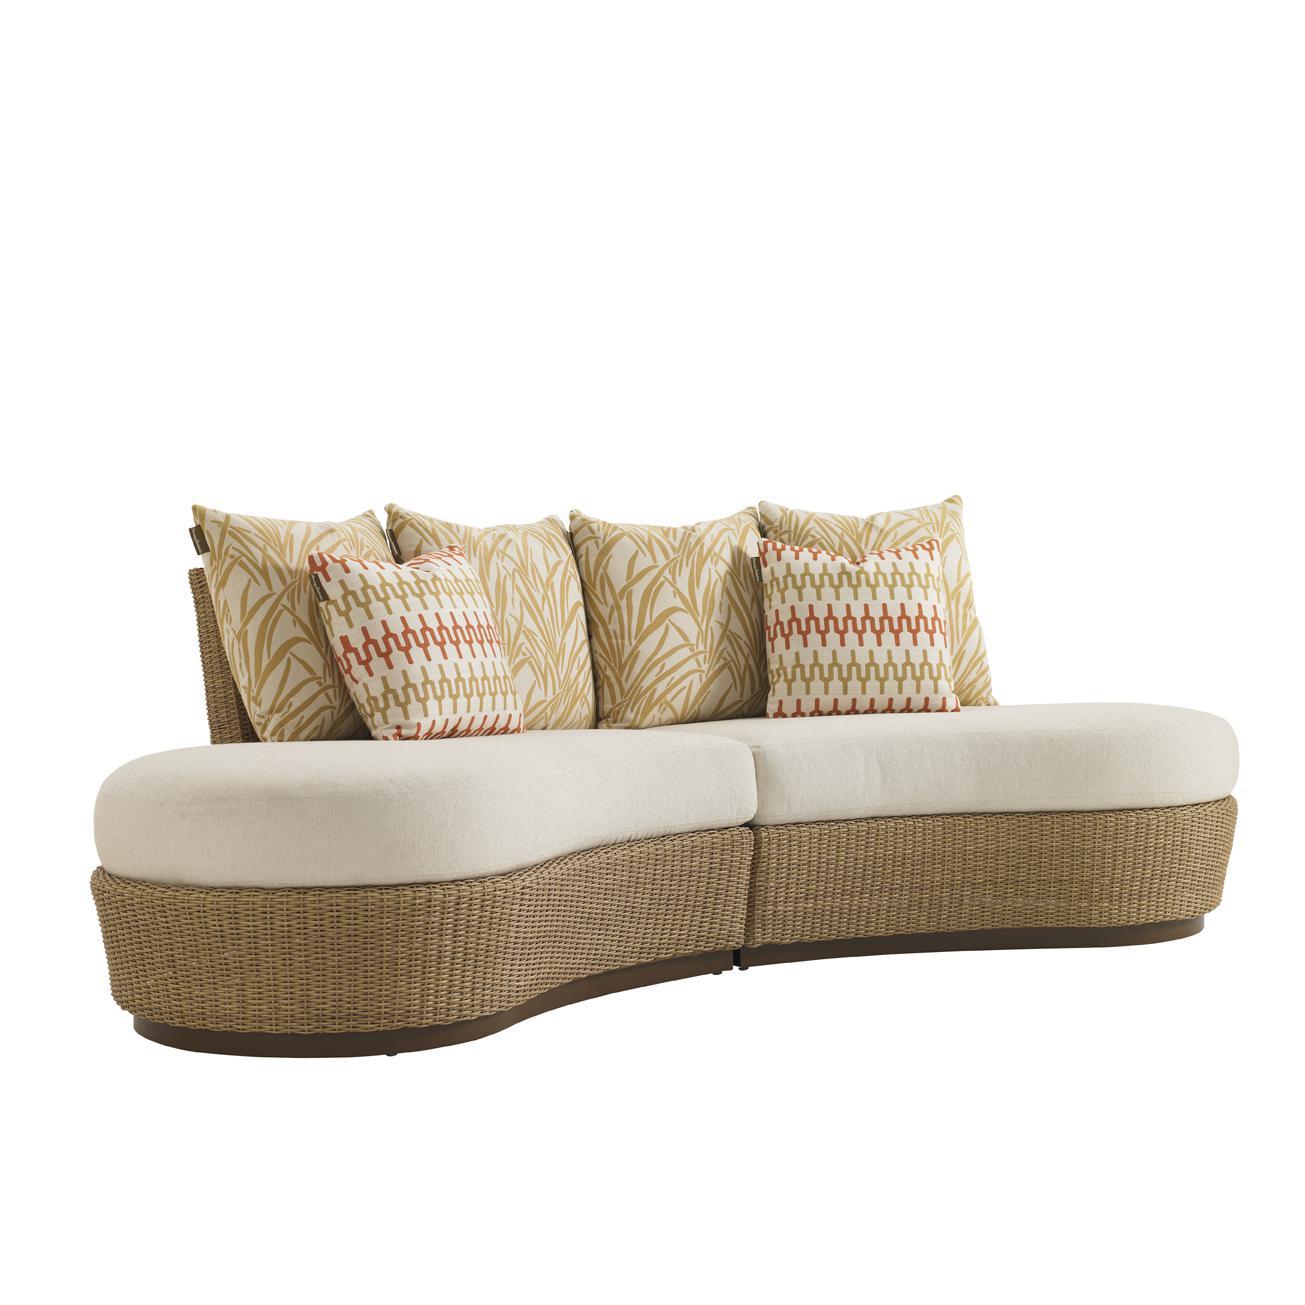 Tommy Bahama Aviano Wicker Patio Armless Sofa W Sunbrella Fabric By 3220 82l Cs3220 82l B 3220 82r Cs3220 82r B 3220 82c Sofa Rattan Sofa Tommy Bahama